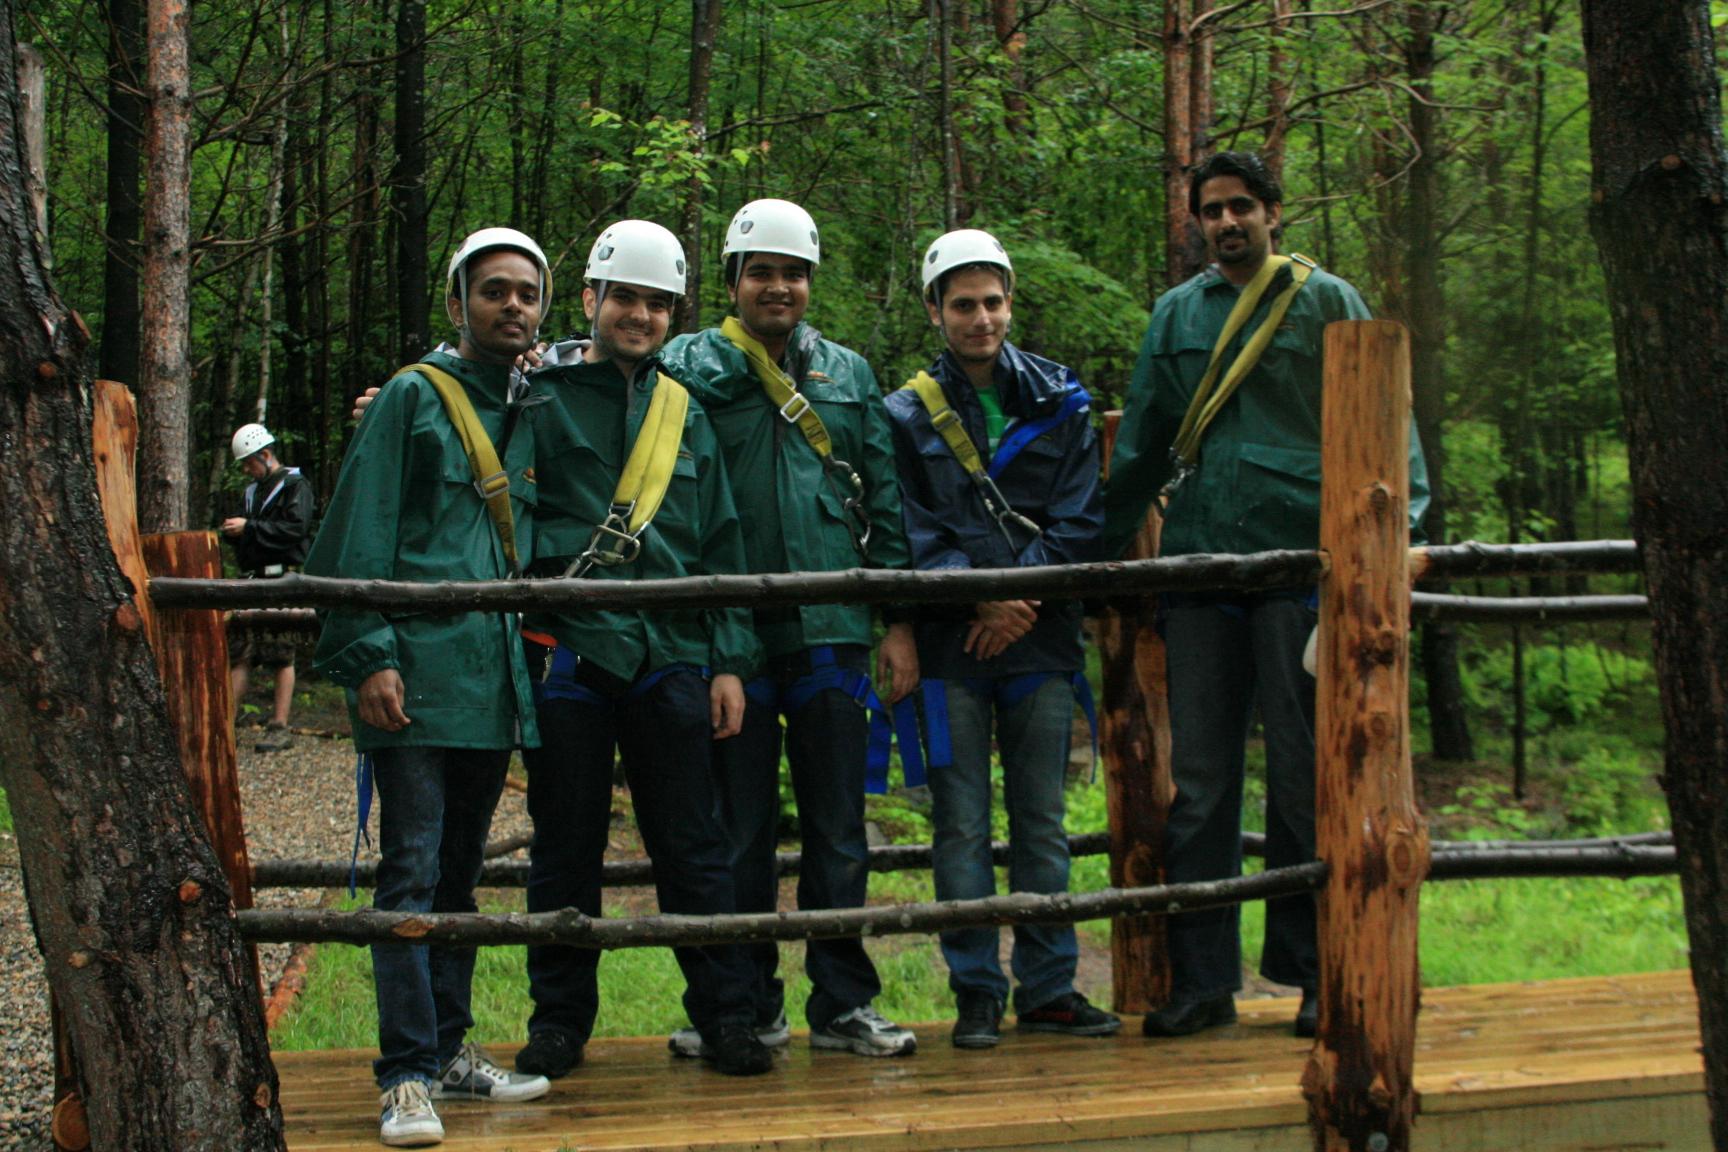 Ziplining in New Hampshire June 2011